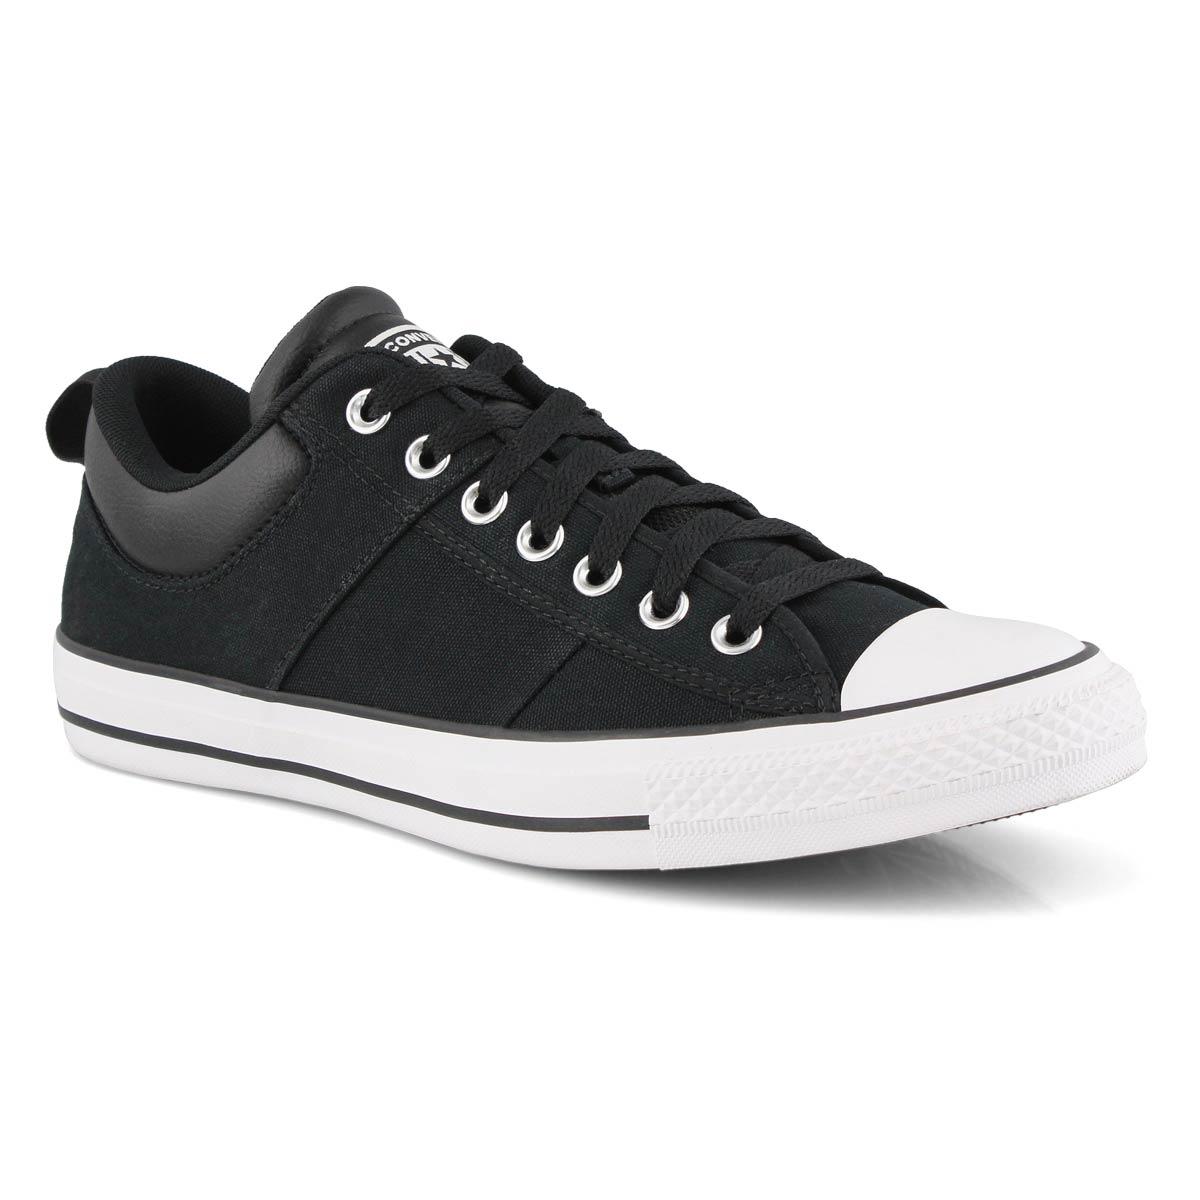 Men's All Star CS Sneakers -Black/White